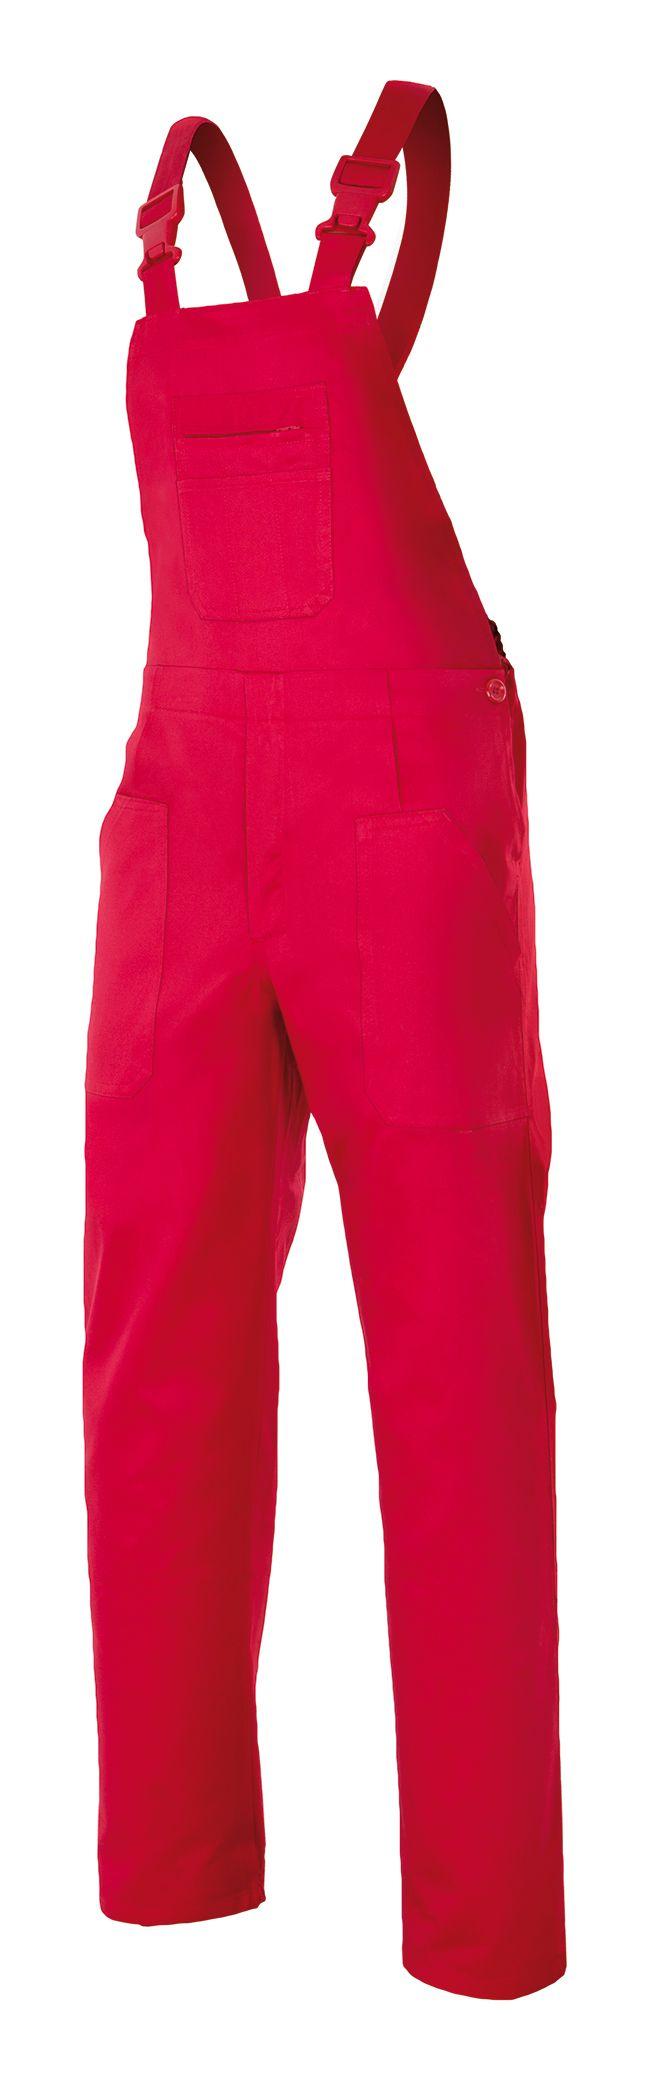 290 Pantalón con peto: Catálogo de Mòn Laboral